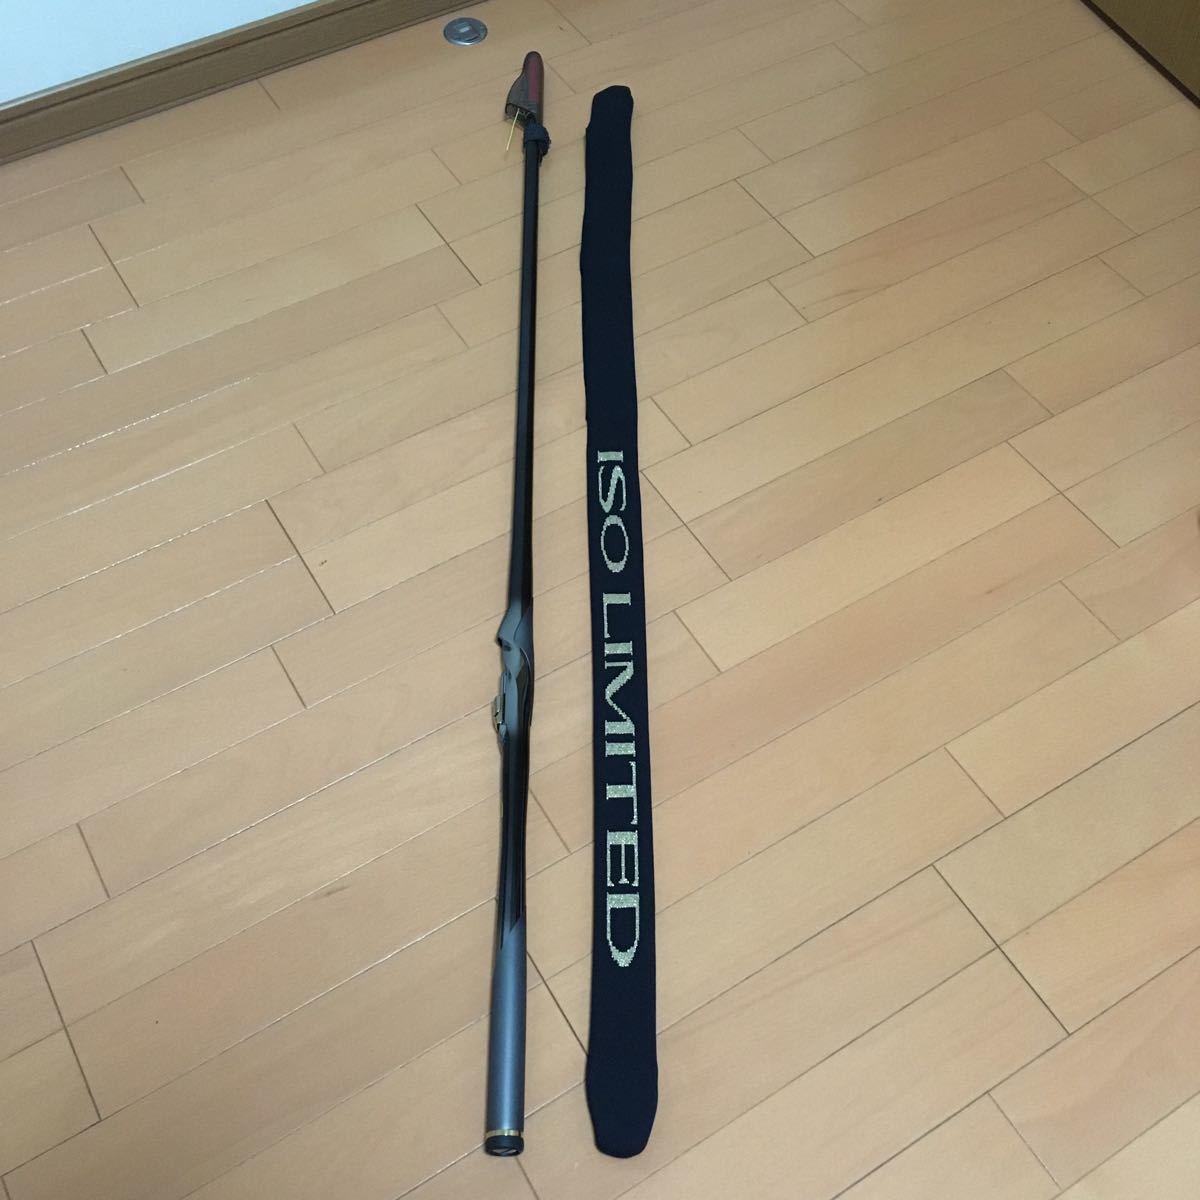 シマノ 09 イソリミテッド 1.5-53 マイティブロウ 展示保管品